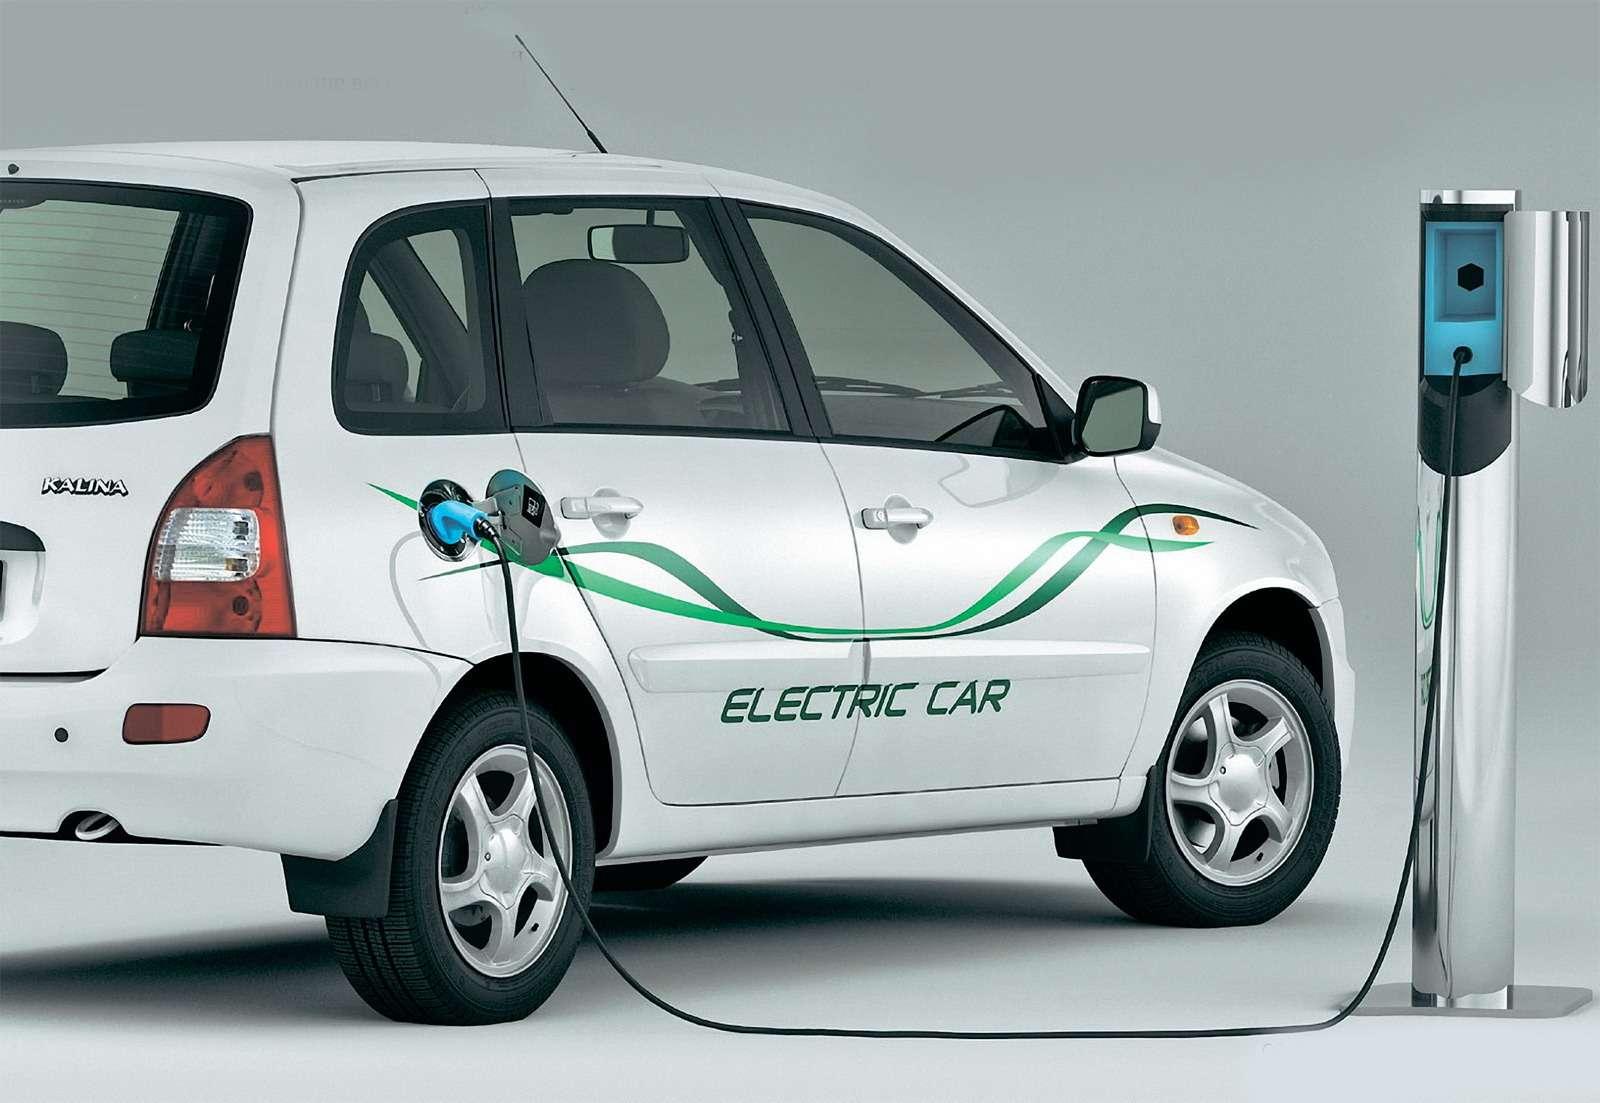 Недоэкологии: нарынке электромобилей наступил блэкаут— фото 581725